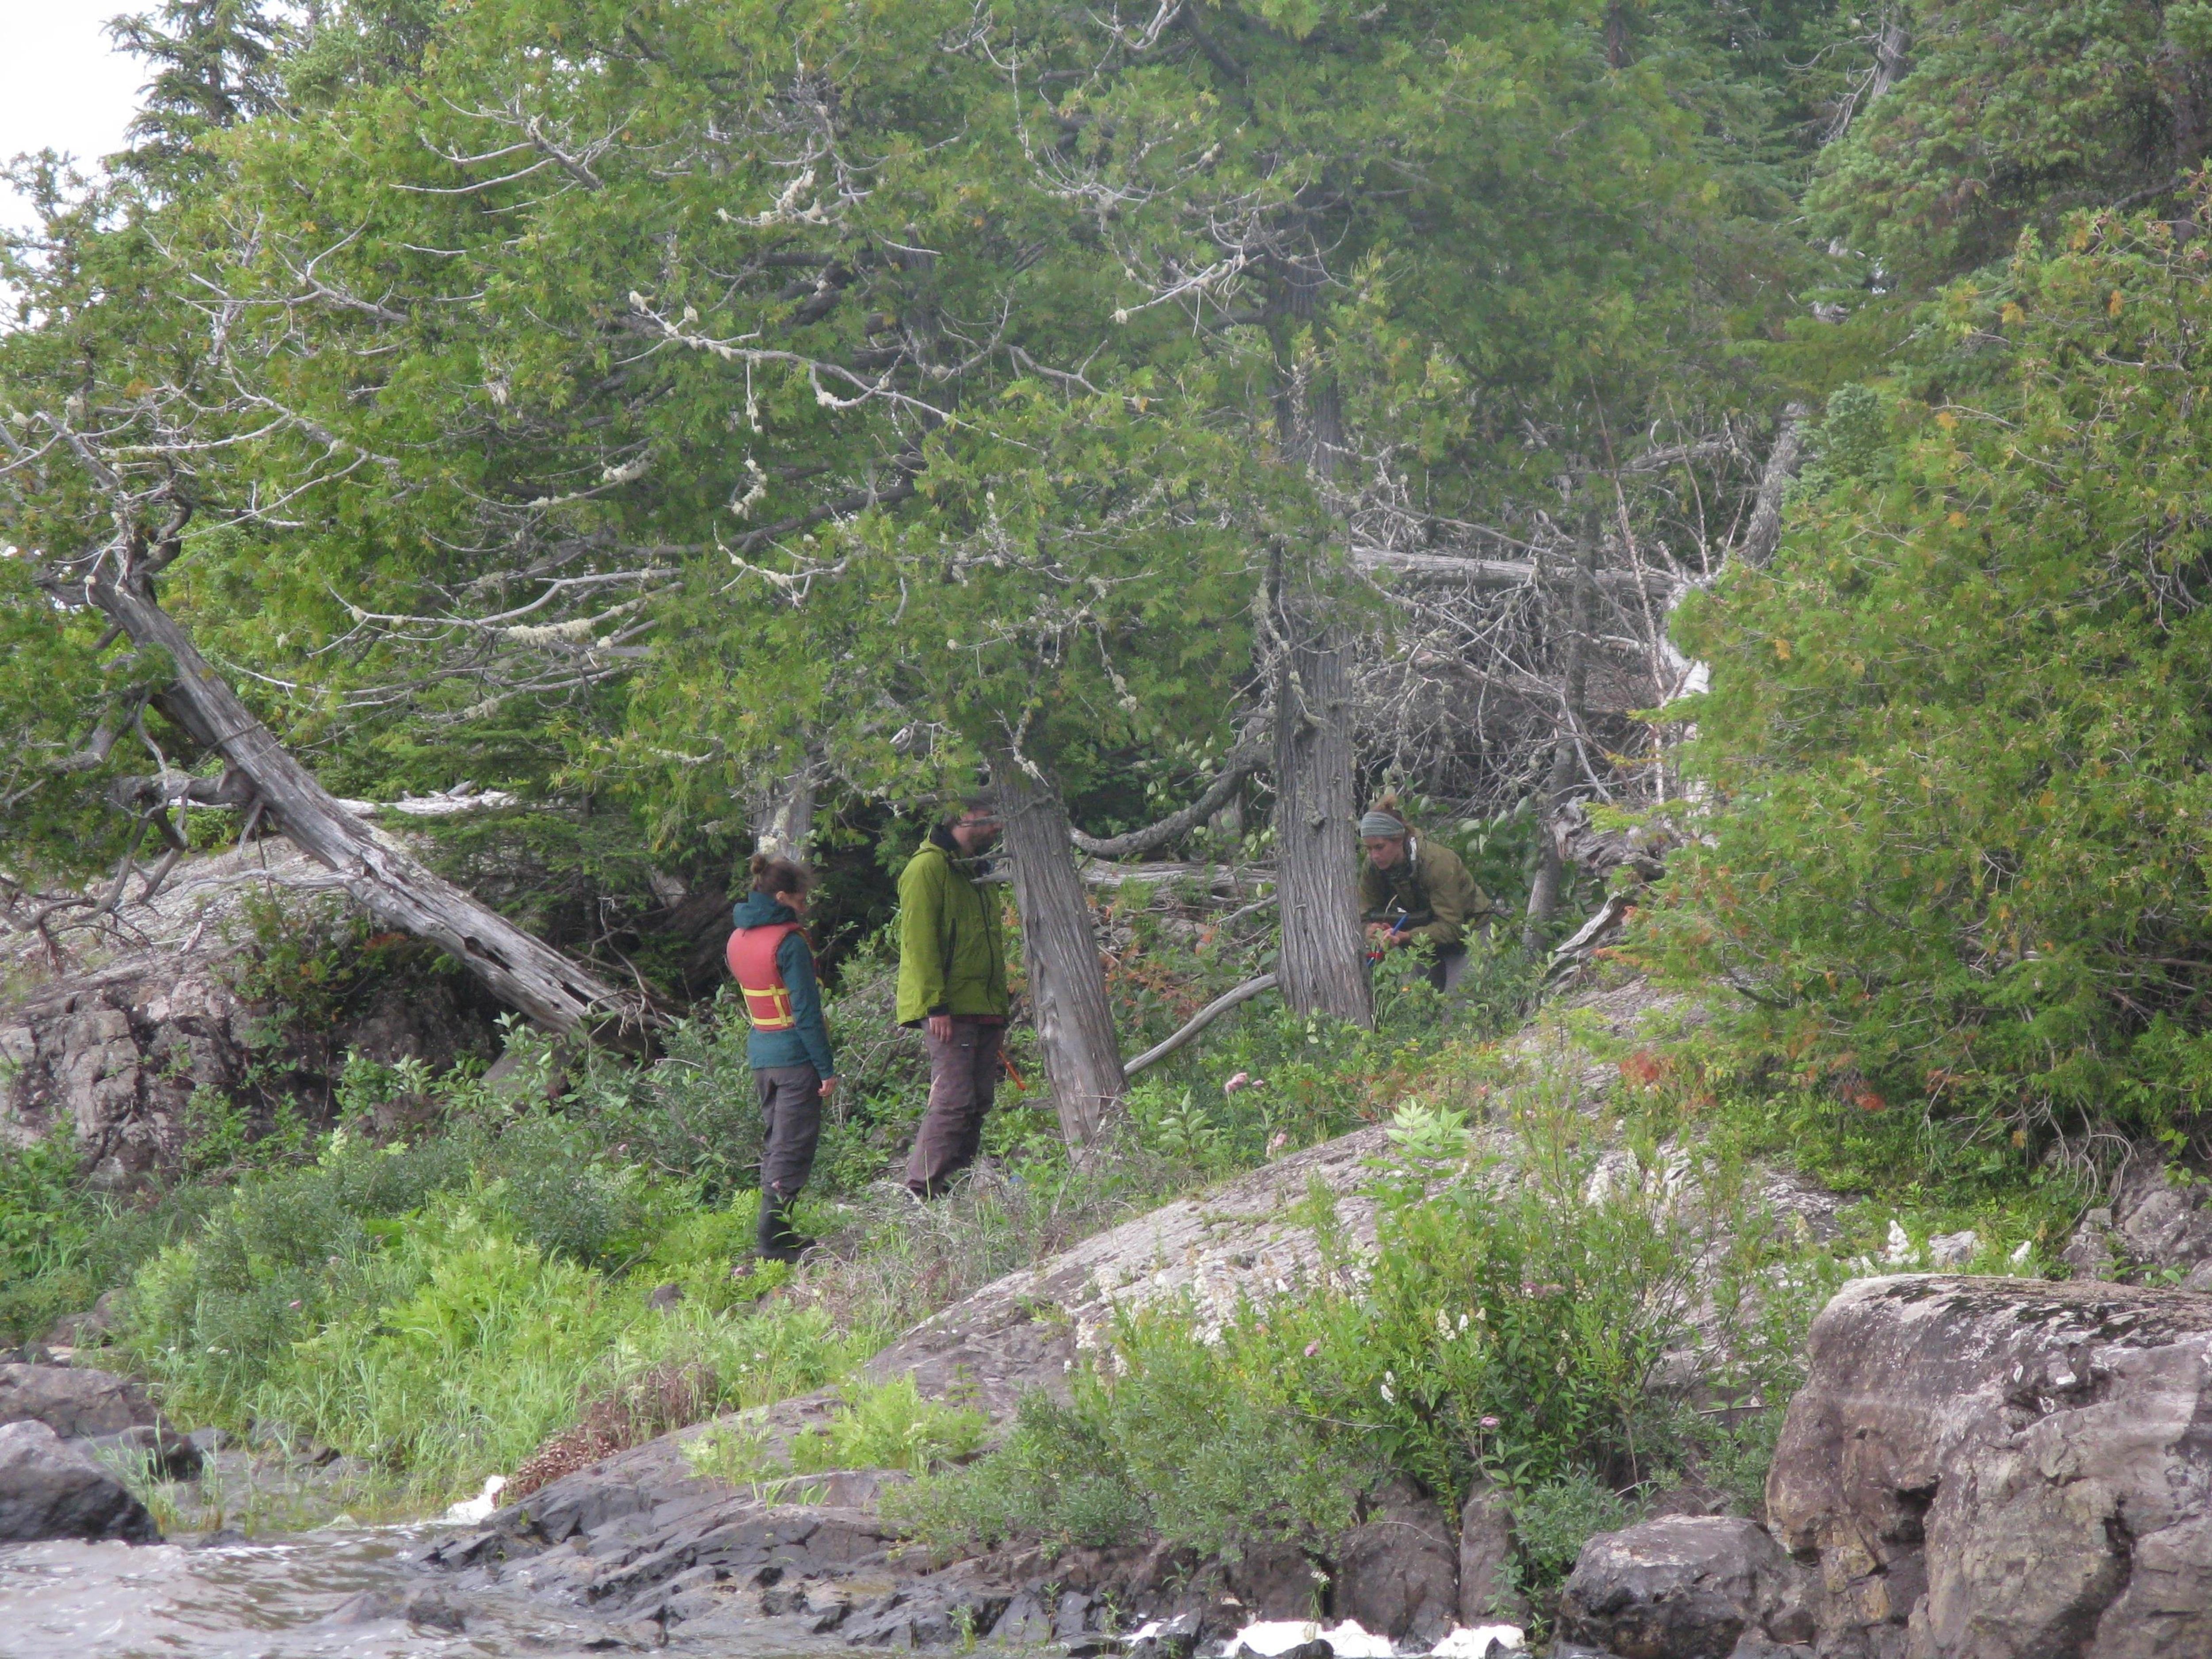 Deux personnes dans la forêt